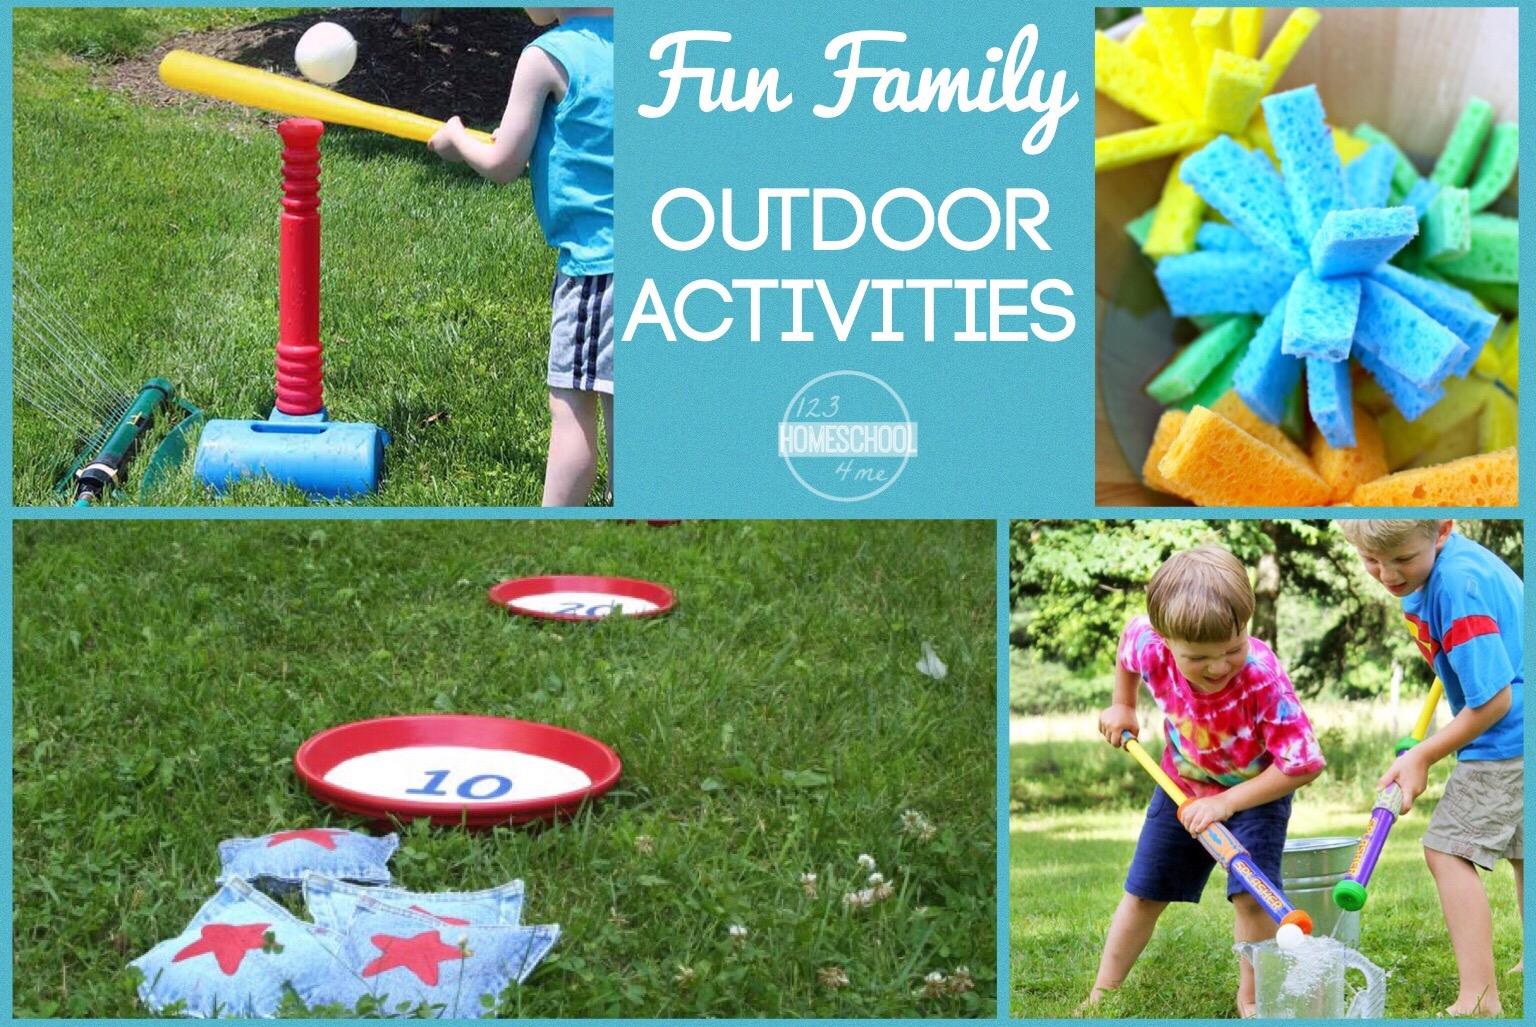 Fun Family Outdoor Activities